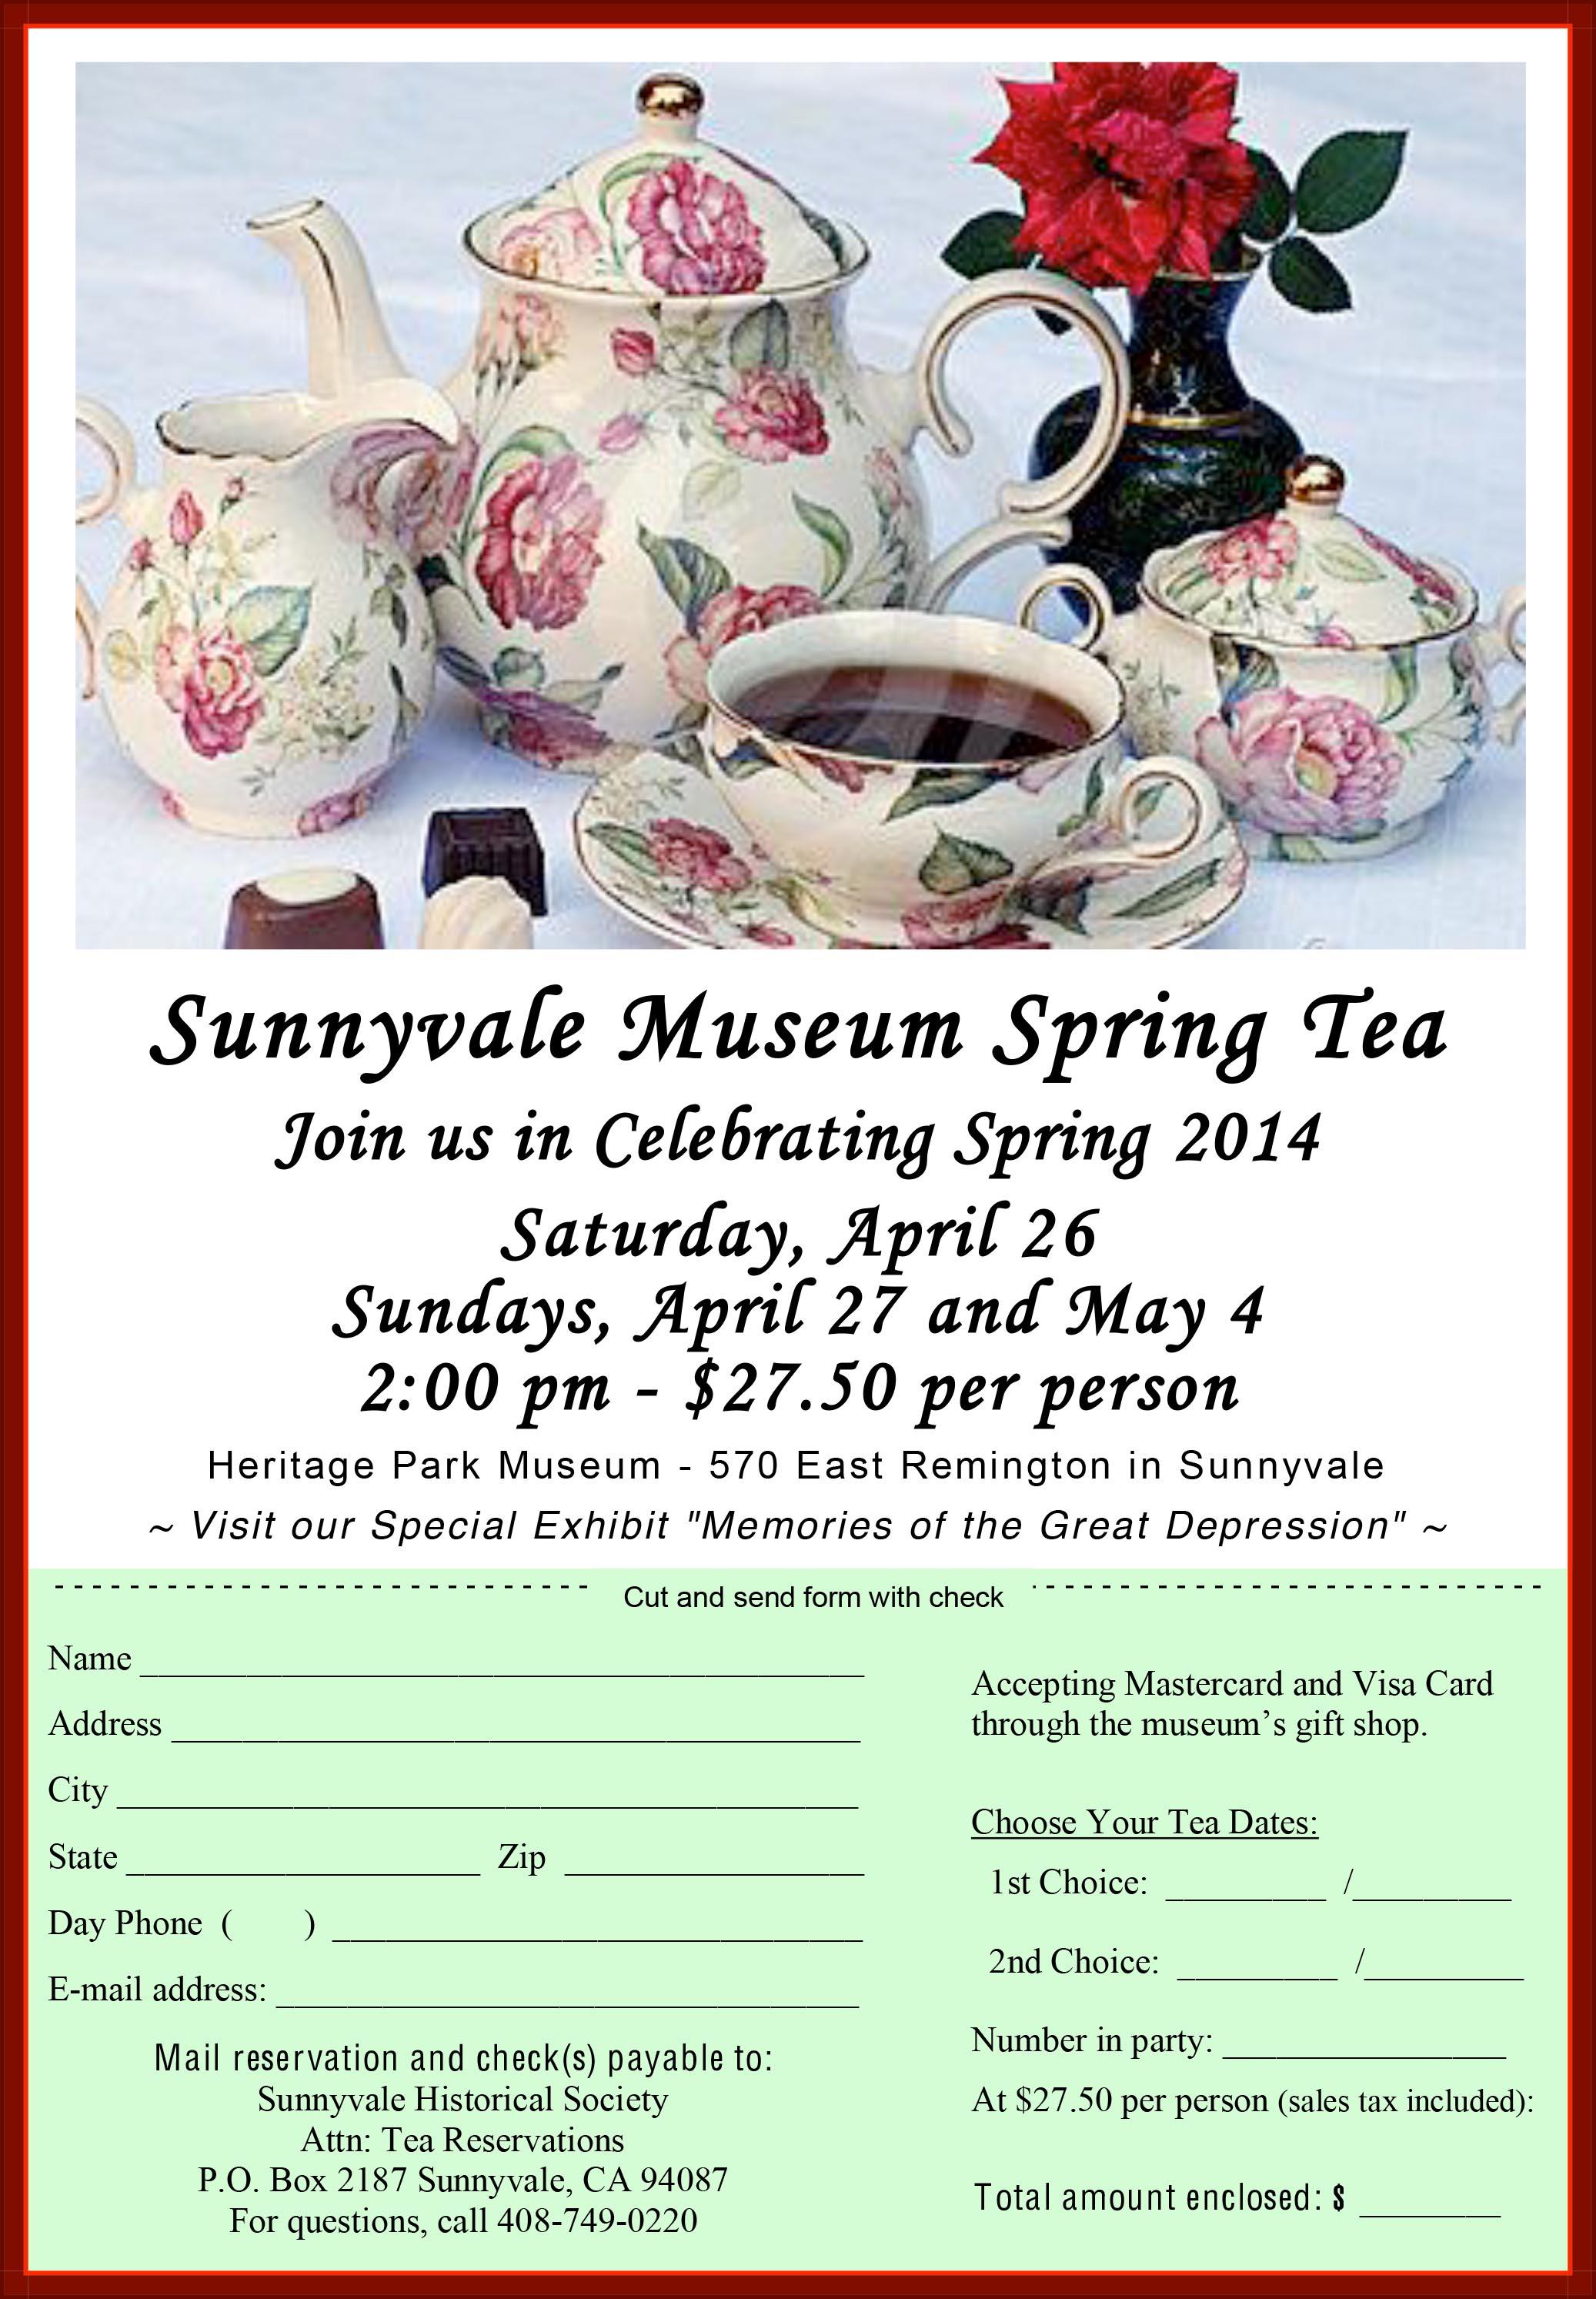 2014 Museum Spring Tea Flyer